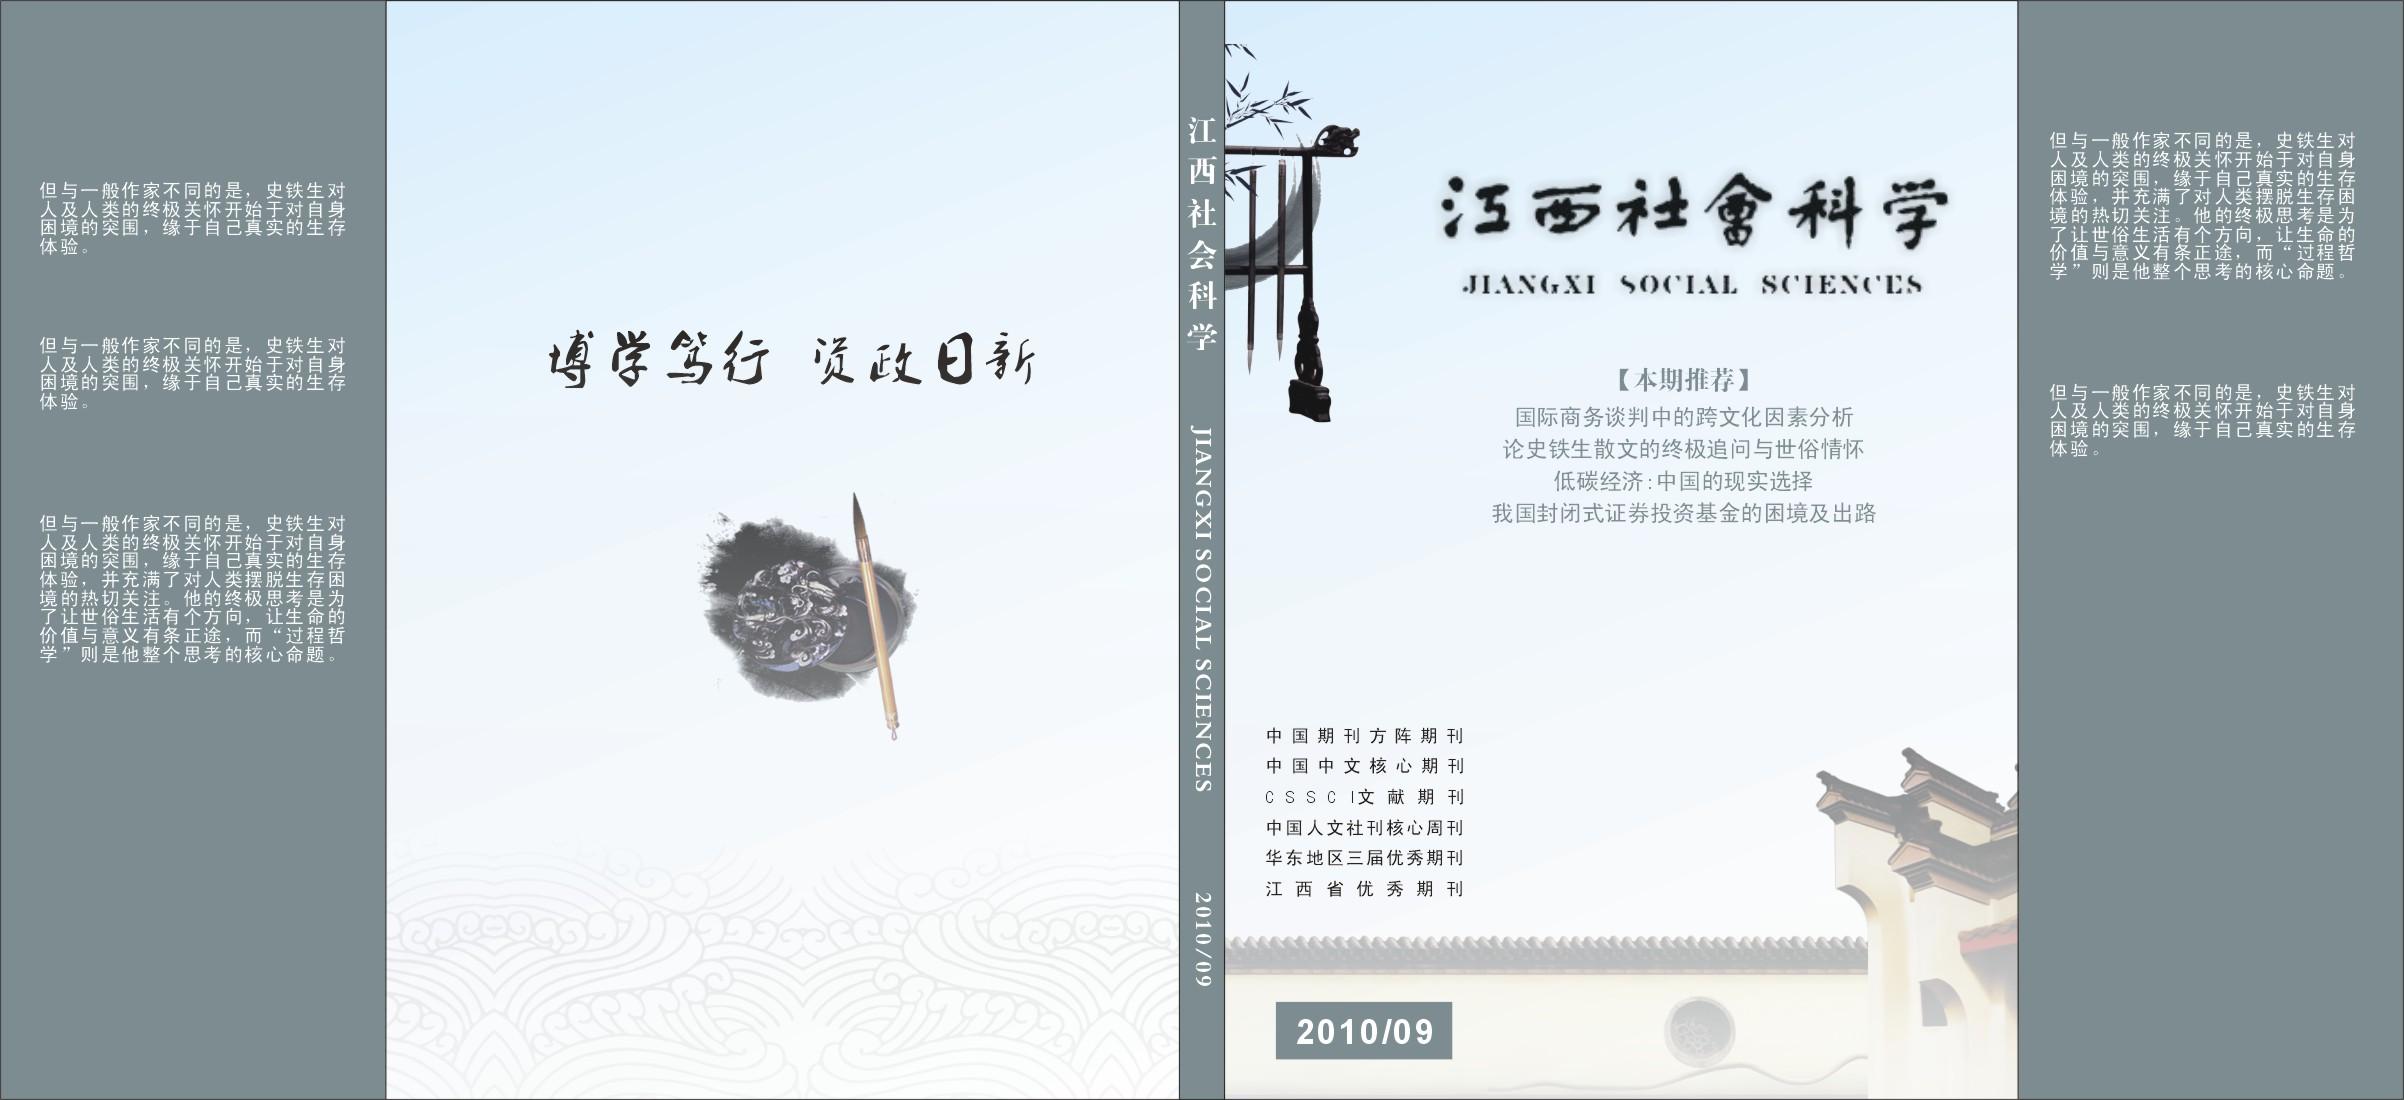 《江西社会科学》杂志封面设计-1天